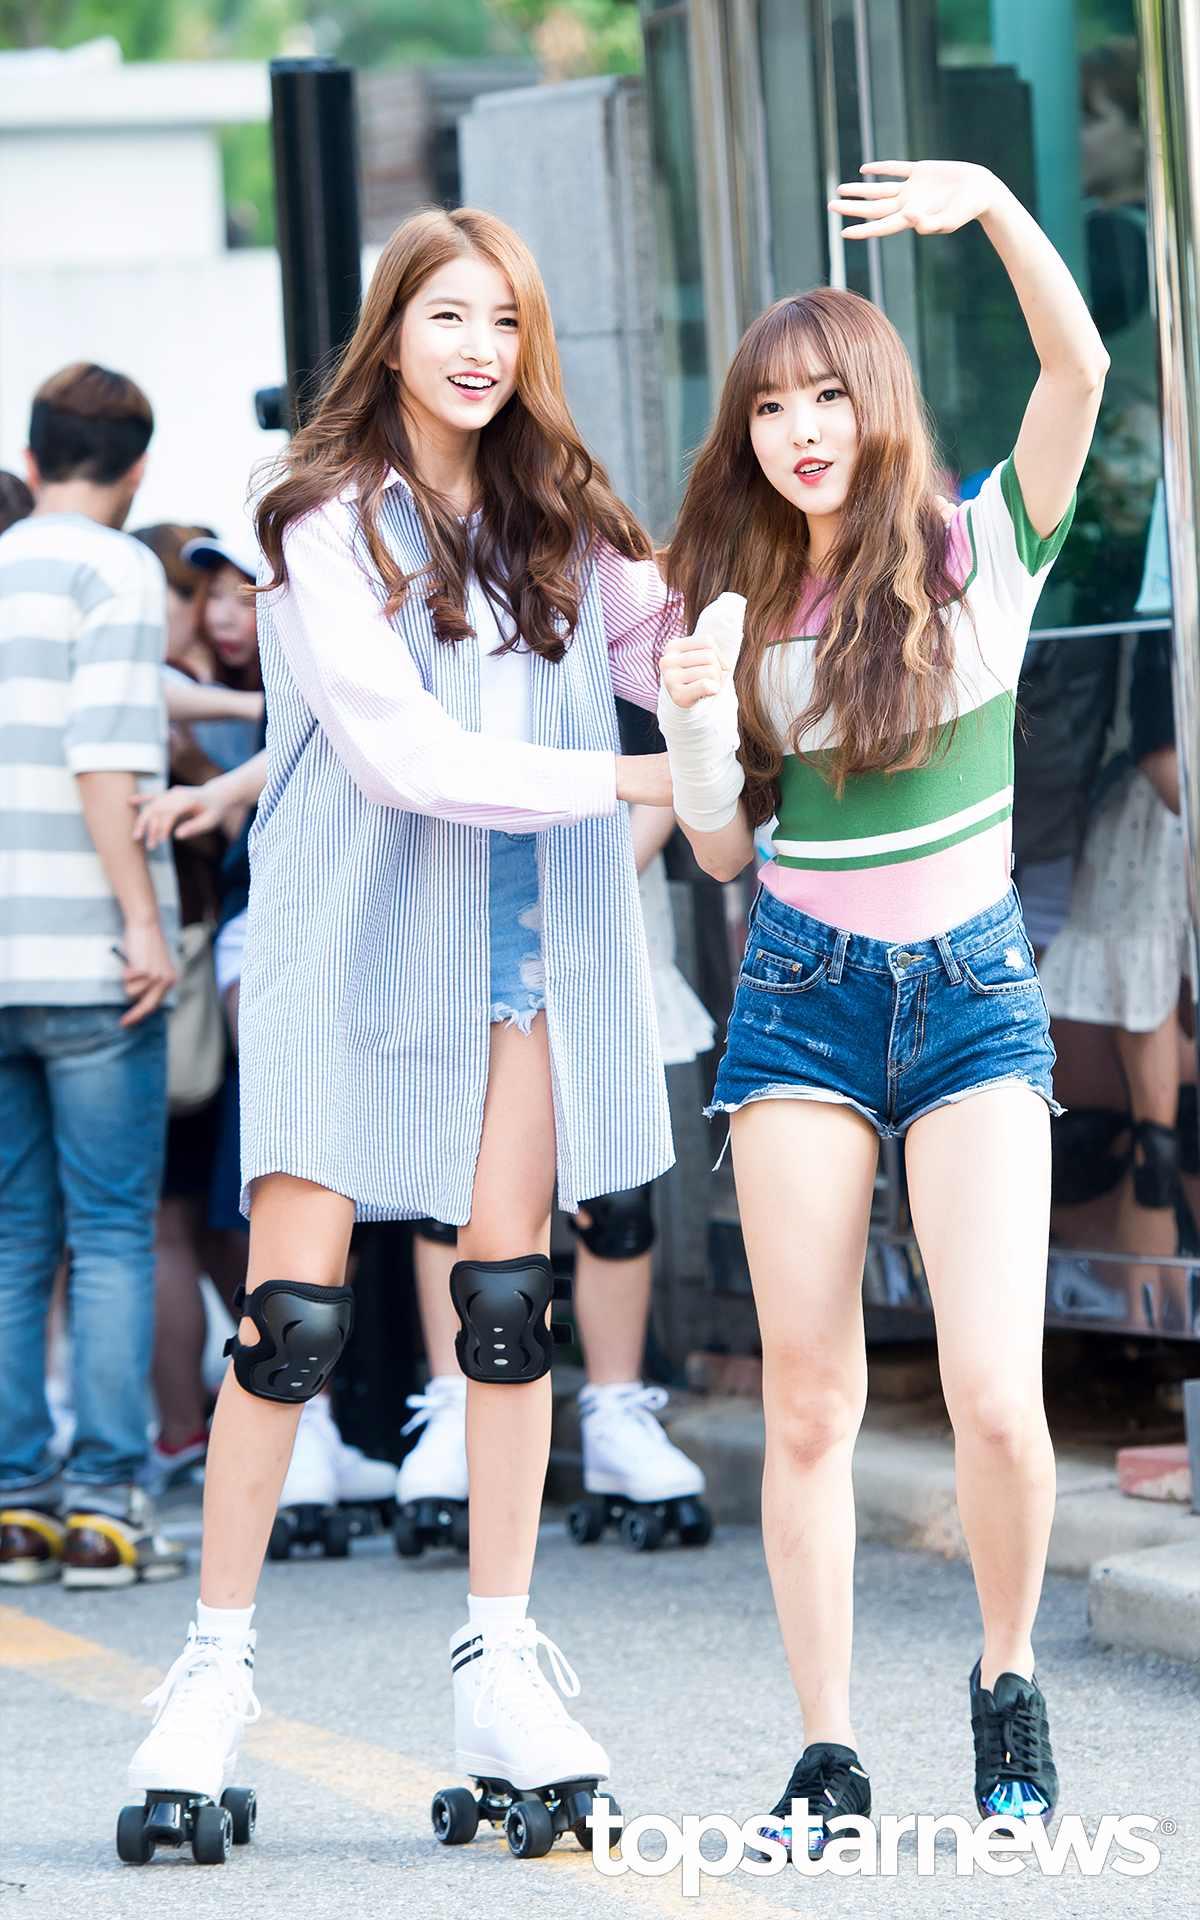 小編覺得Yuju已經夠瘦了, 但跟Sowon站一起卻明顯要胖很多。 Sowon根本就是鳥仔腳啊!